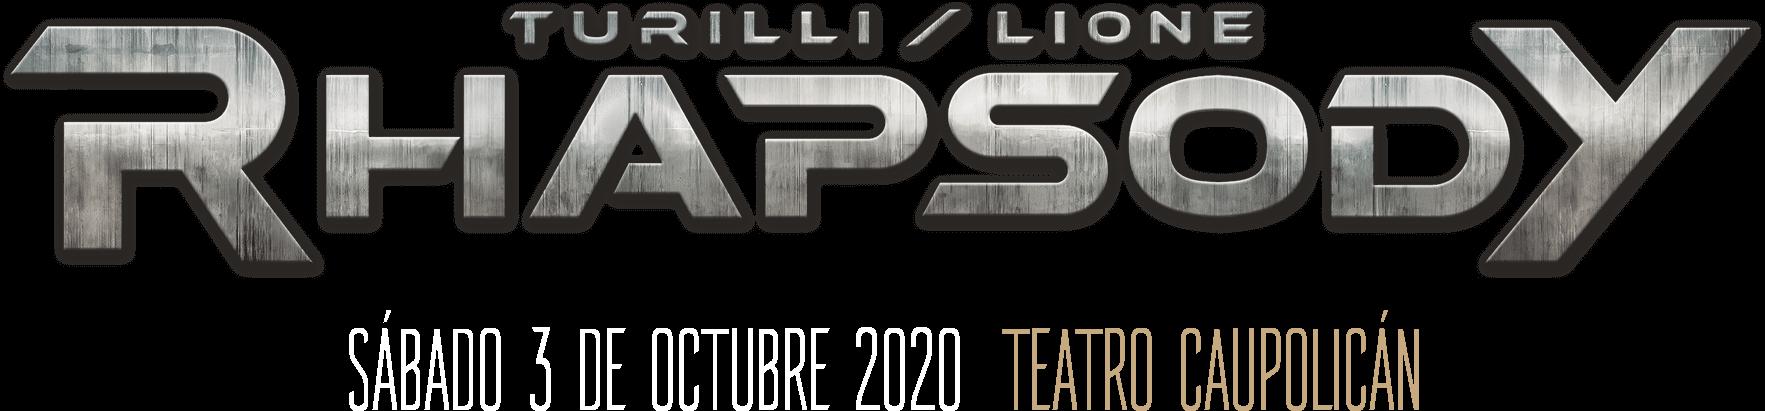 Rhapsody | Turilli / Lione